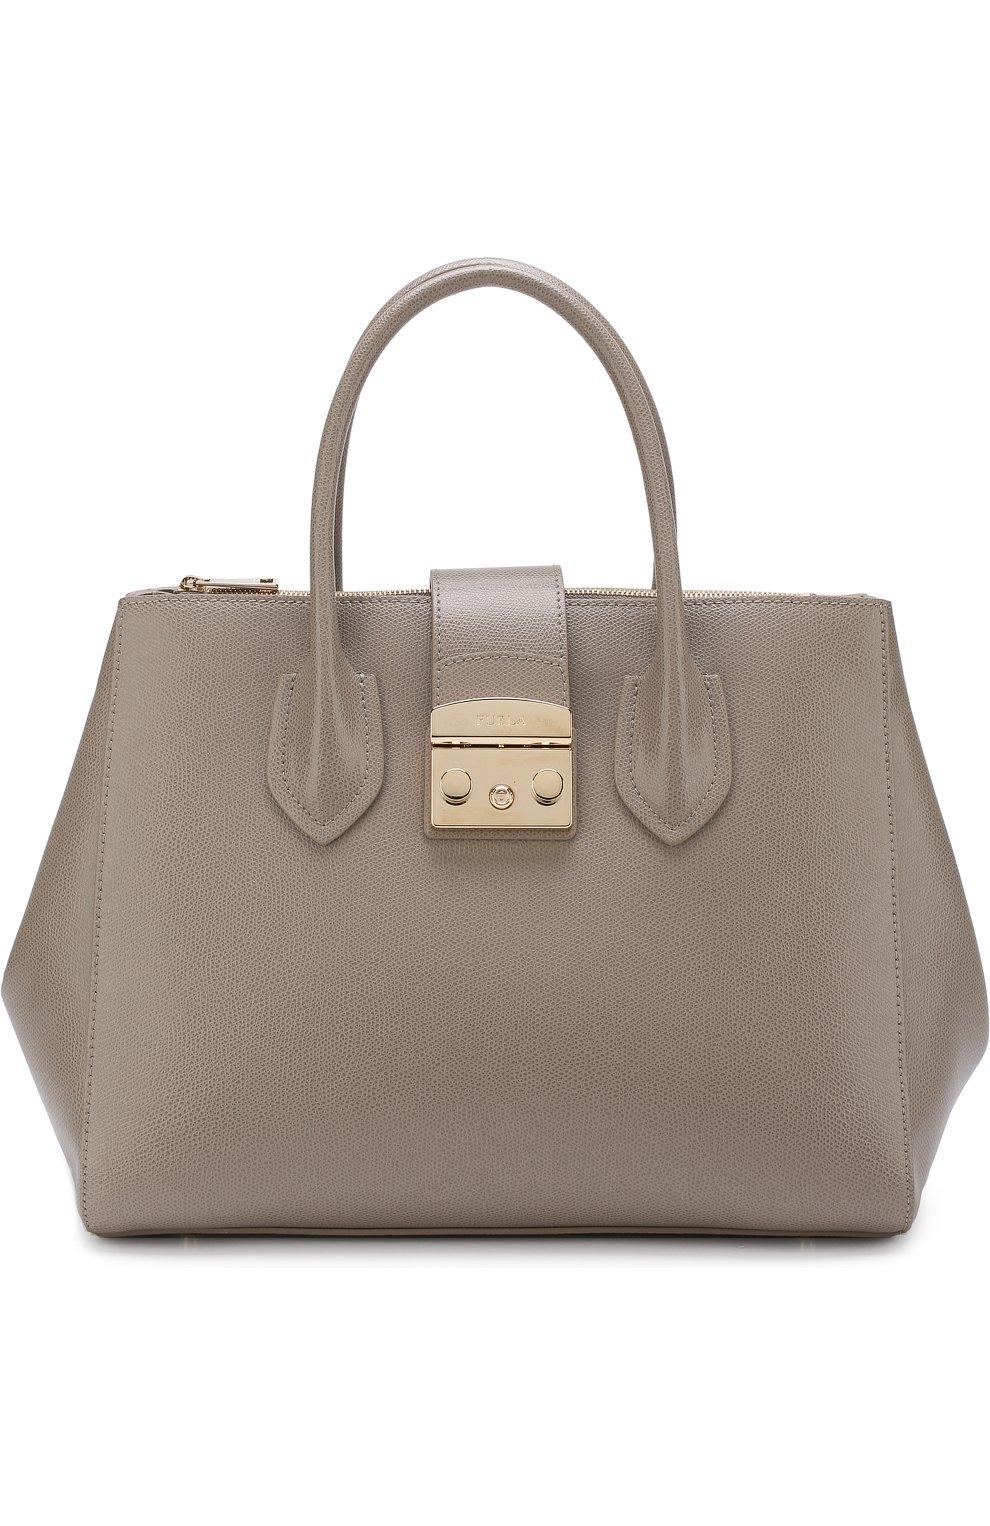 Женская сумка-тоут metropolis FURLA серого цвета — купить за 27500 ... e714cf3dd11